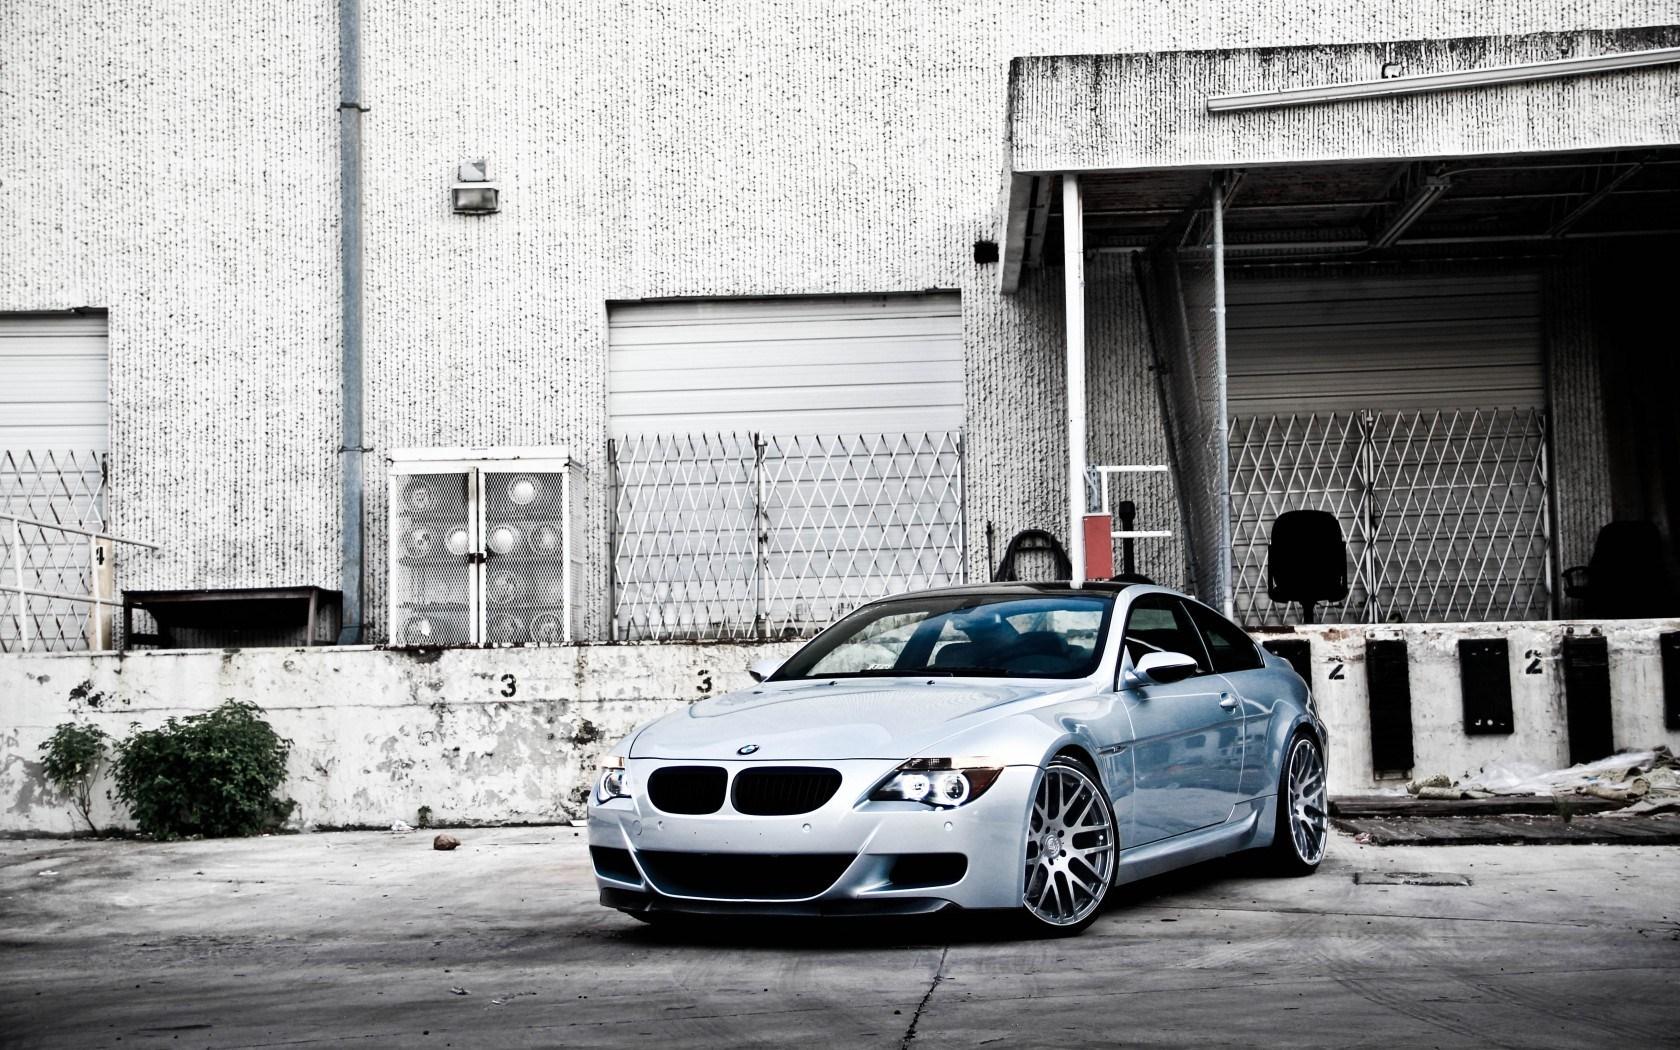 BMW M6 Silver Amazing Photo